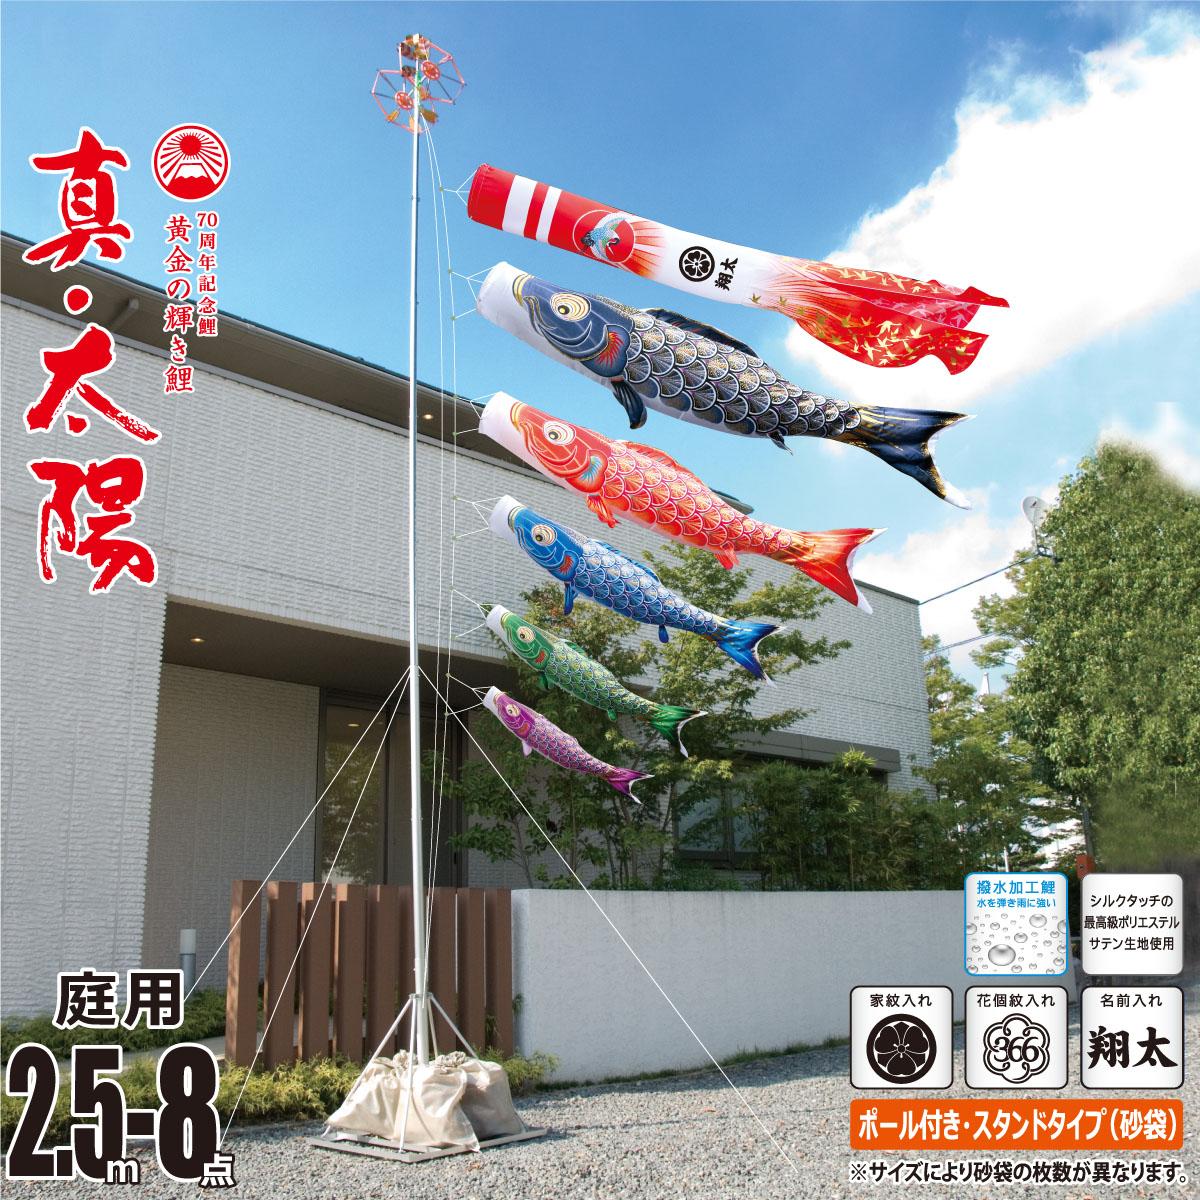 こいのぼり 2.5m 真・太陽 8点 (矢車、ロープ、吹流し、鯉5匹) 庭園用 スタンドセット (庭用 スタンド 砂袋4枚入り) 徳永鯉のぼり KIT-003-833